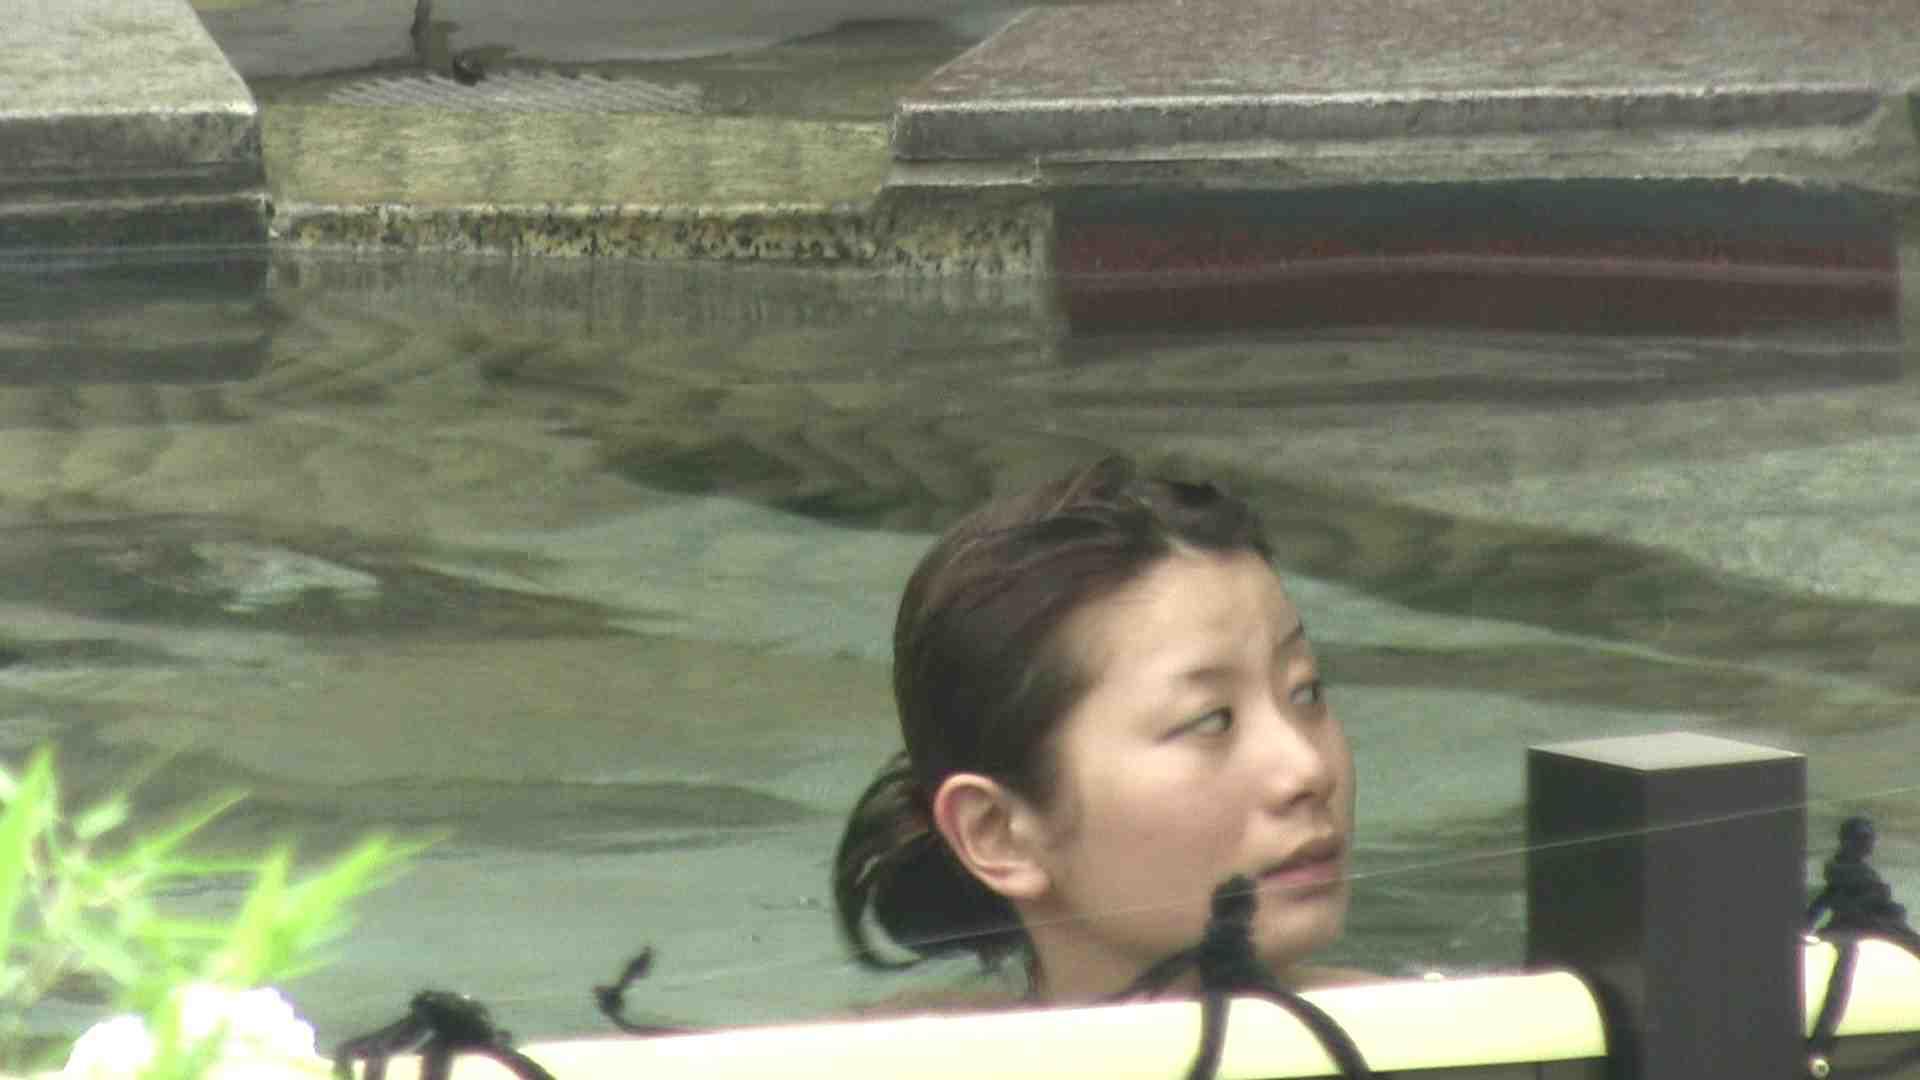 Aquaな露天風呂Vol.19【VIP】 美しいOLの裸体   盗撮師作品  106pic 1